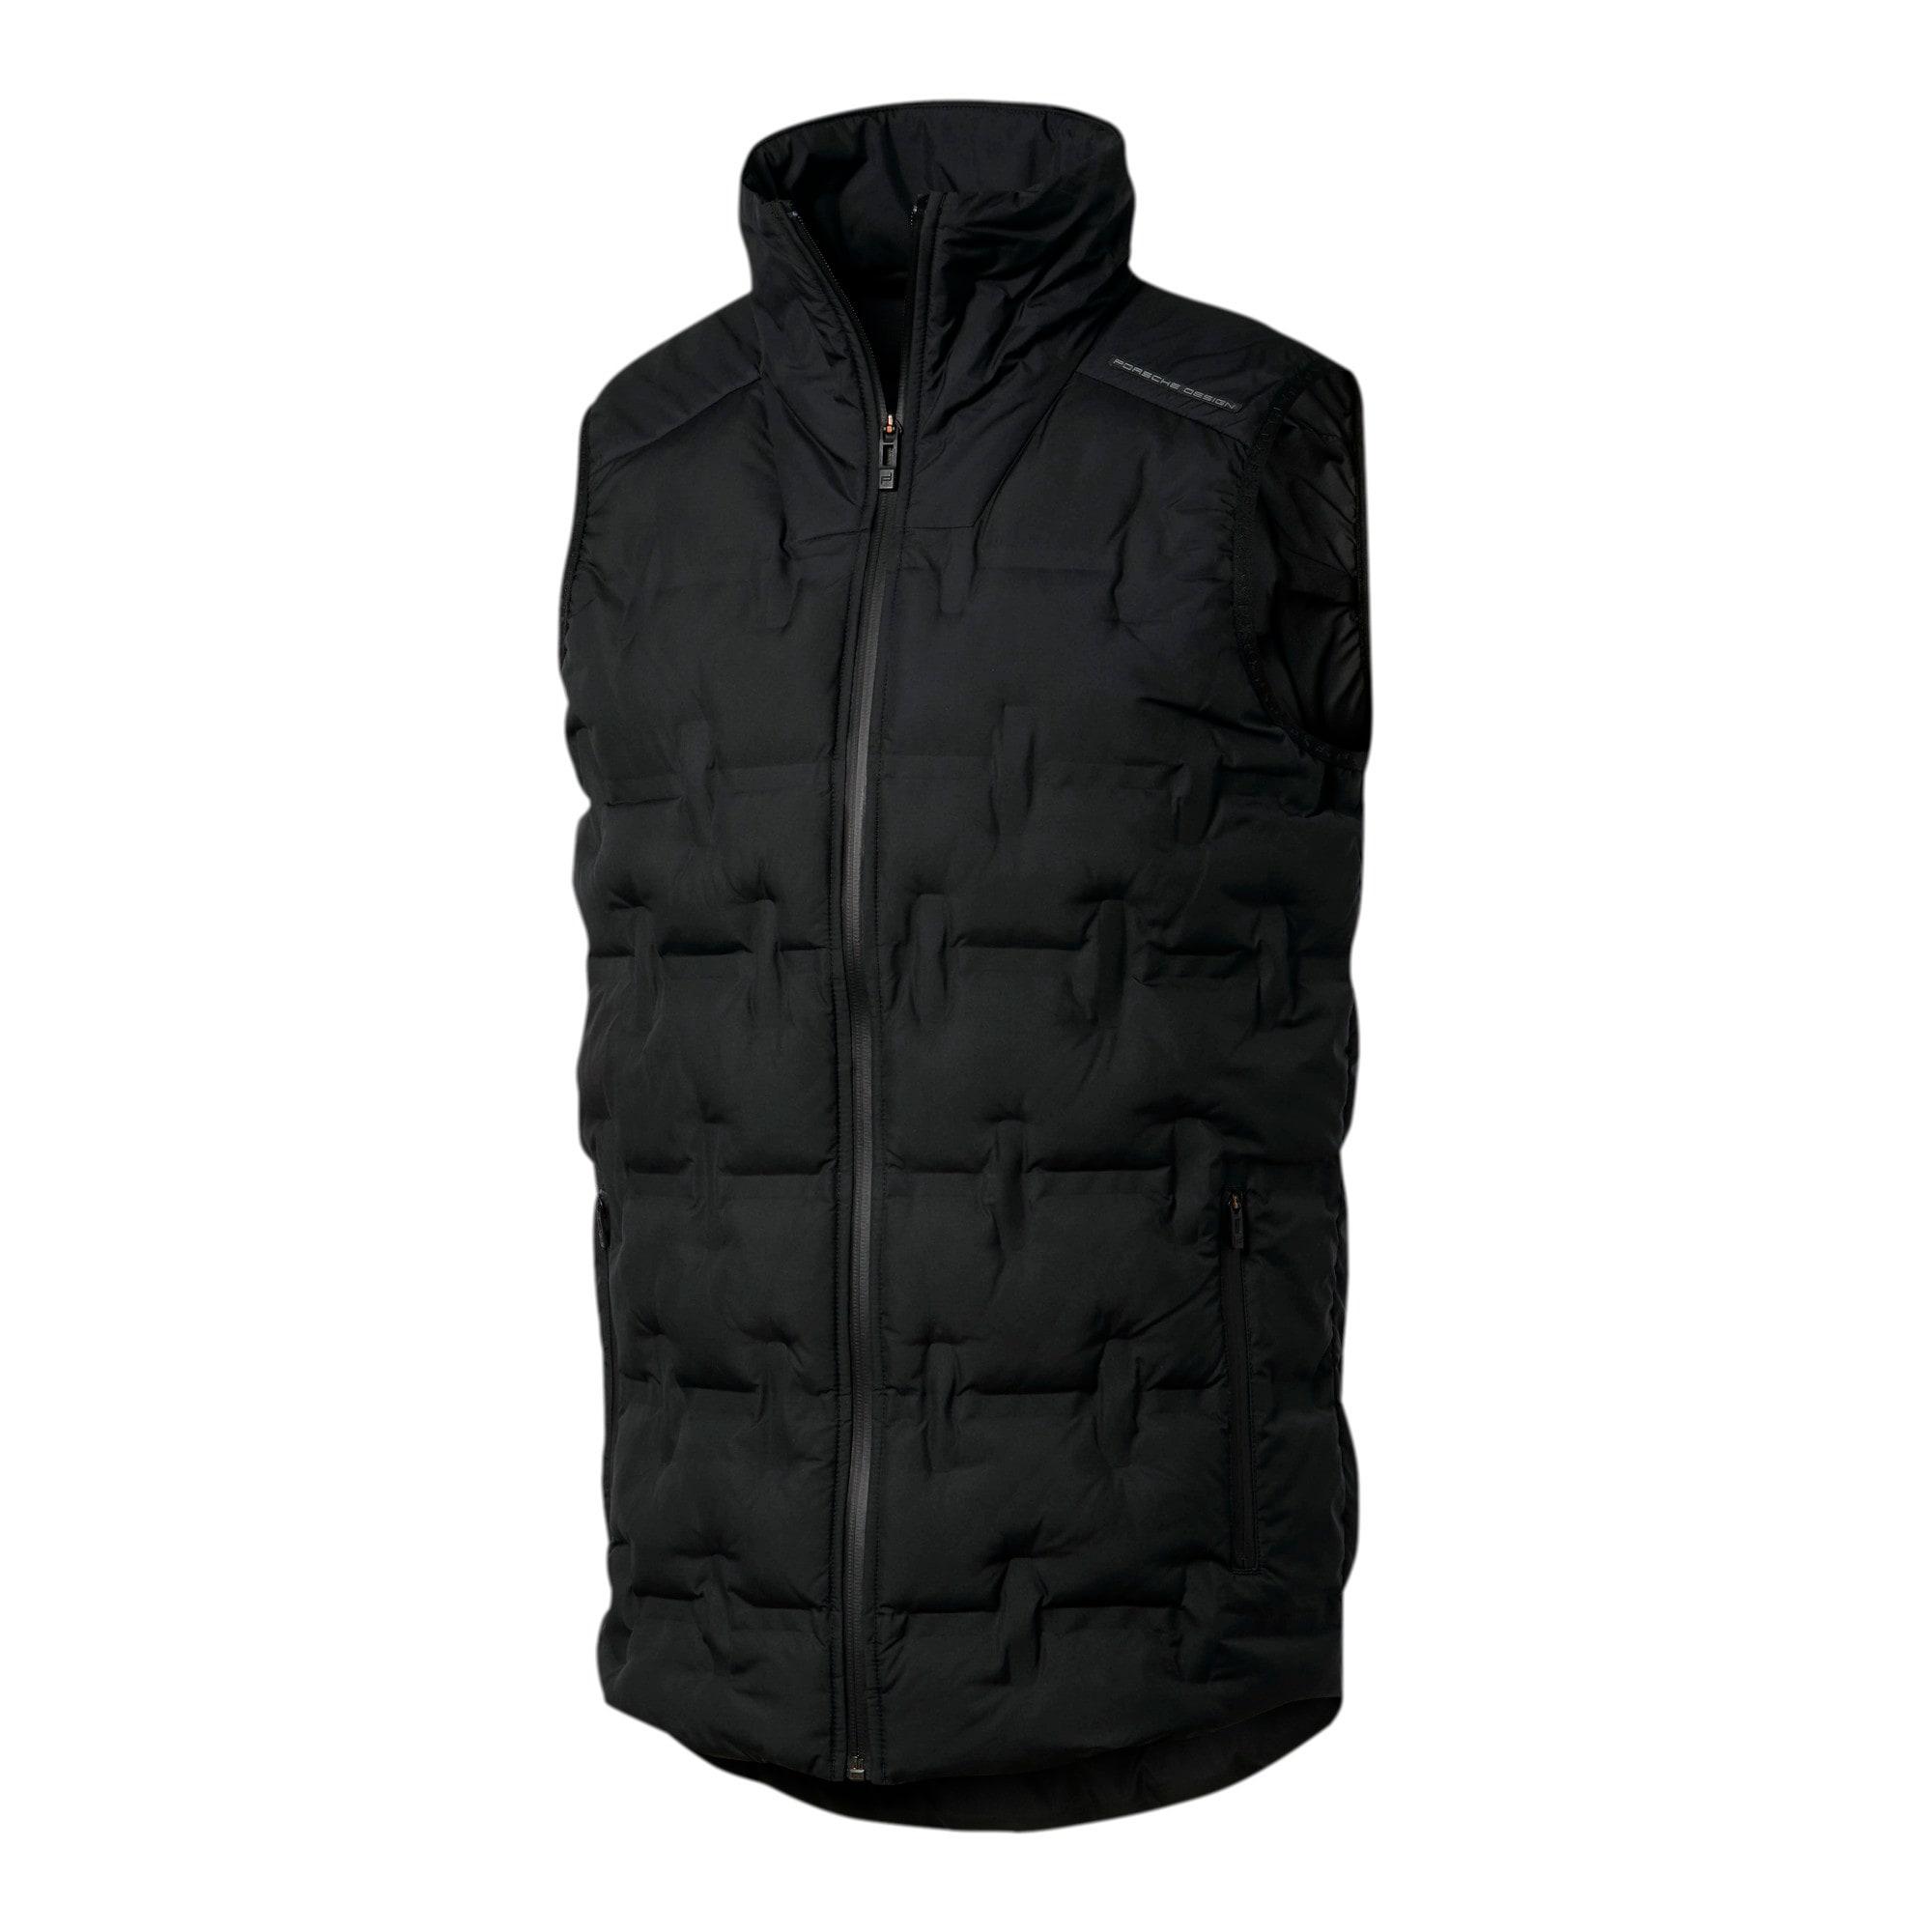 Thumbnail 4 of Porsche Design Men's Padded Vest, Jet Black, medium